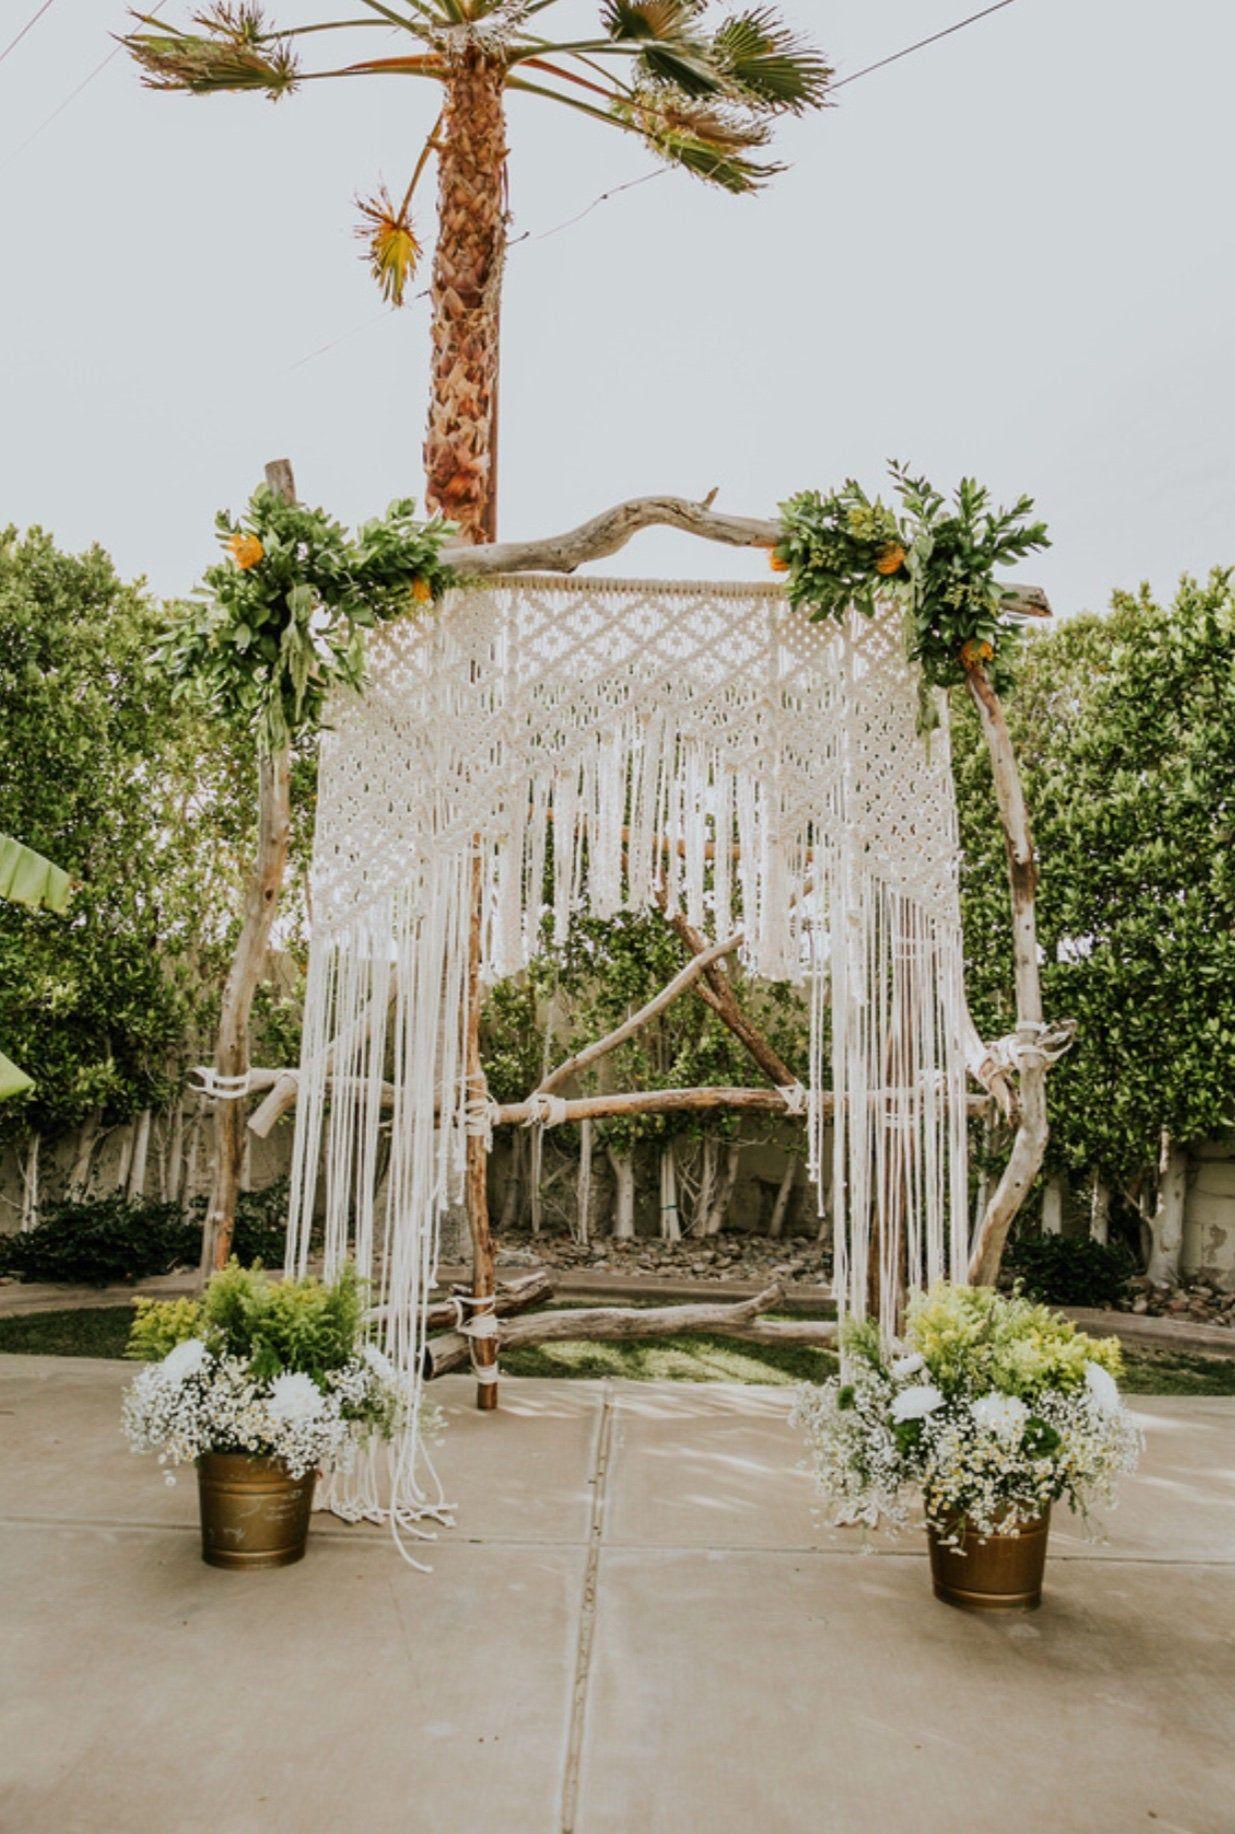 Rental Macrame Wedding Backdrop Wedding Arch Large Macrame Etsy Macrame Wedding Macrame Wedding Backdrop Wedding Backdrop Rentals